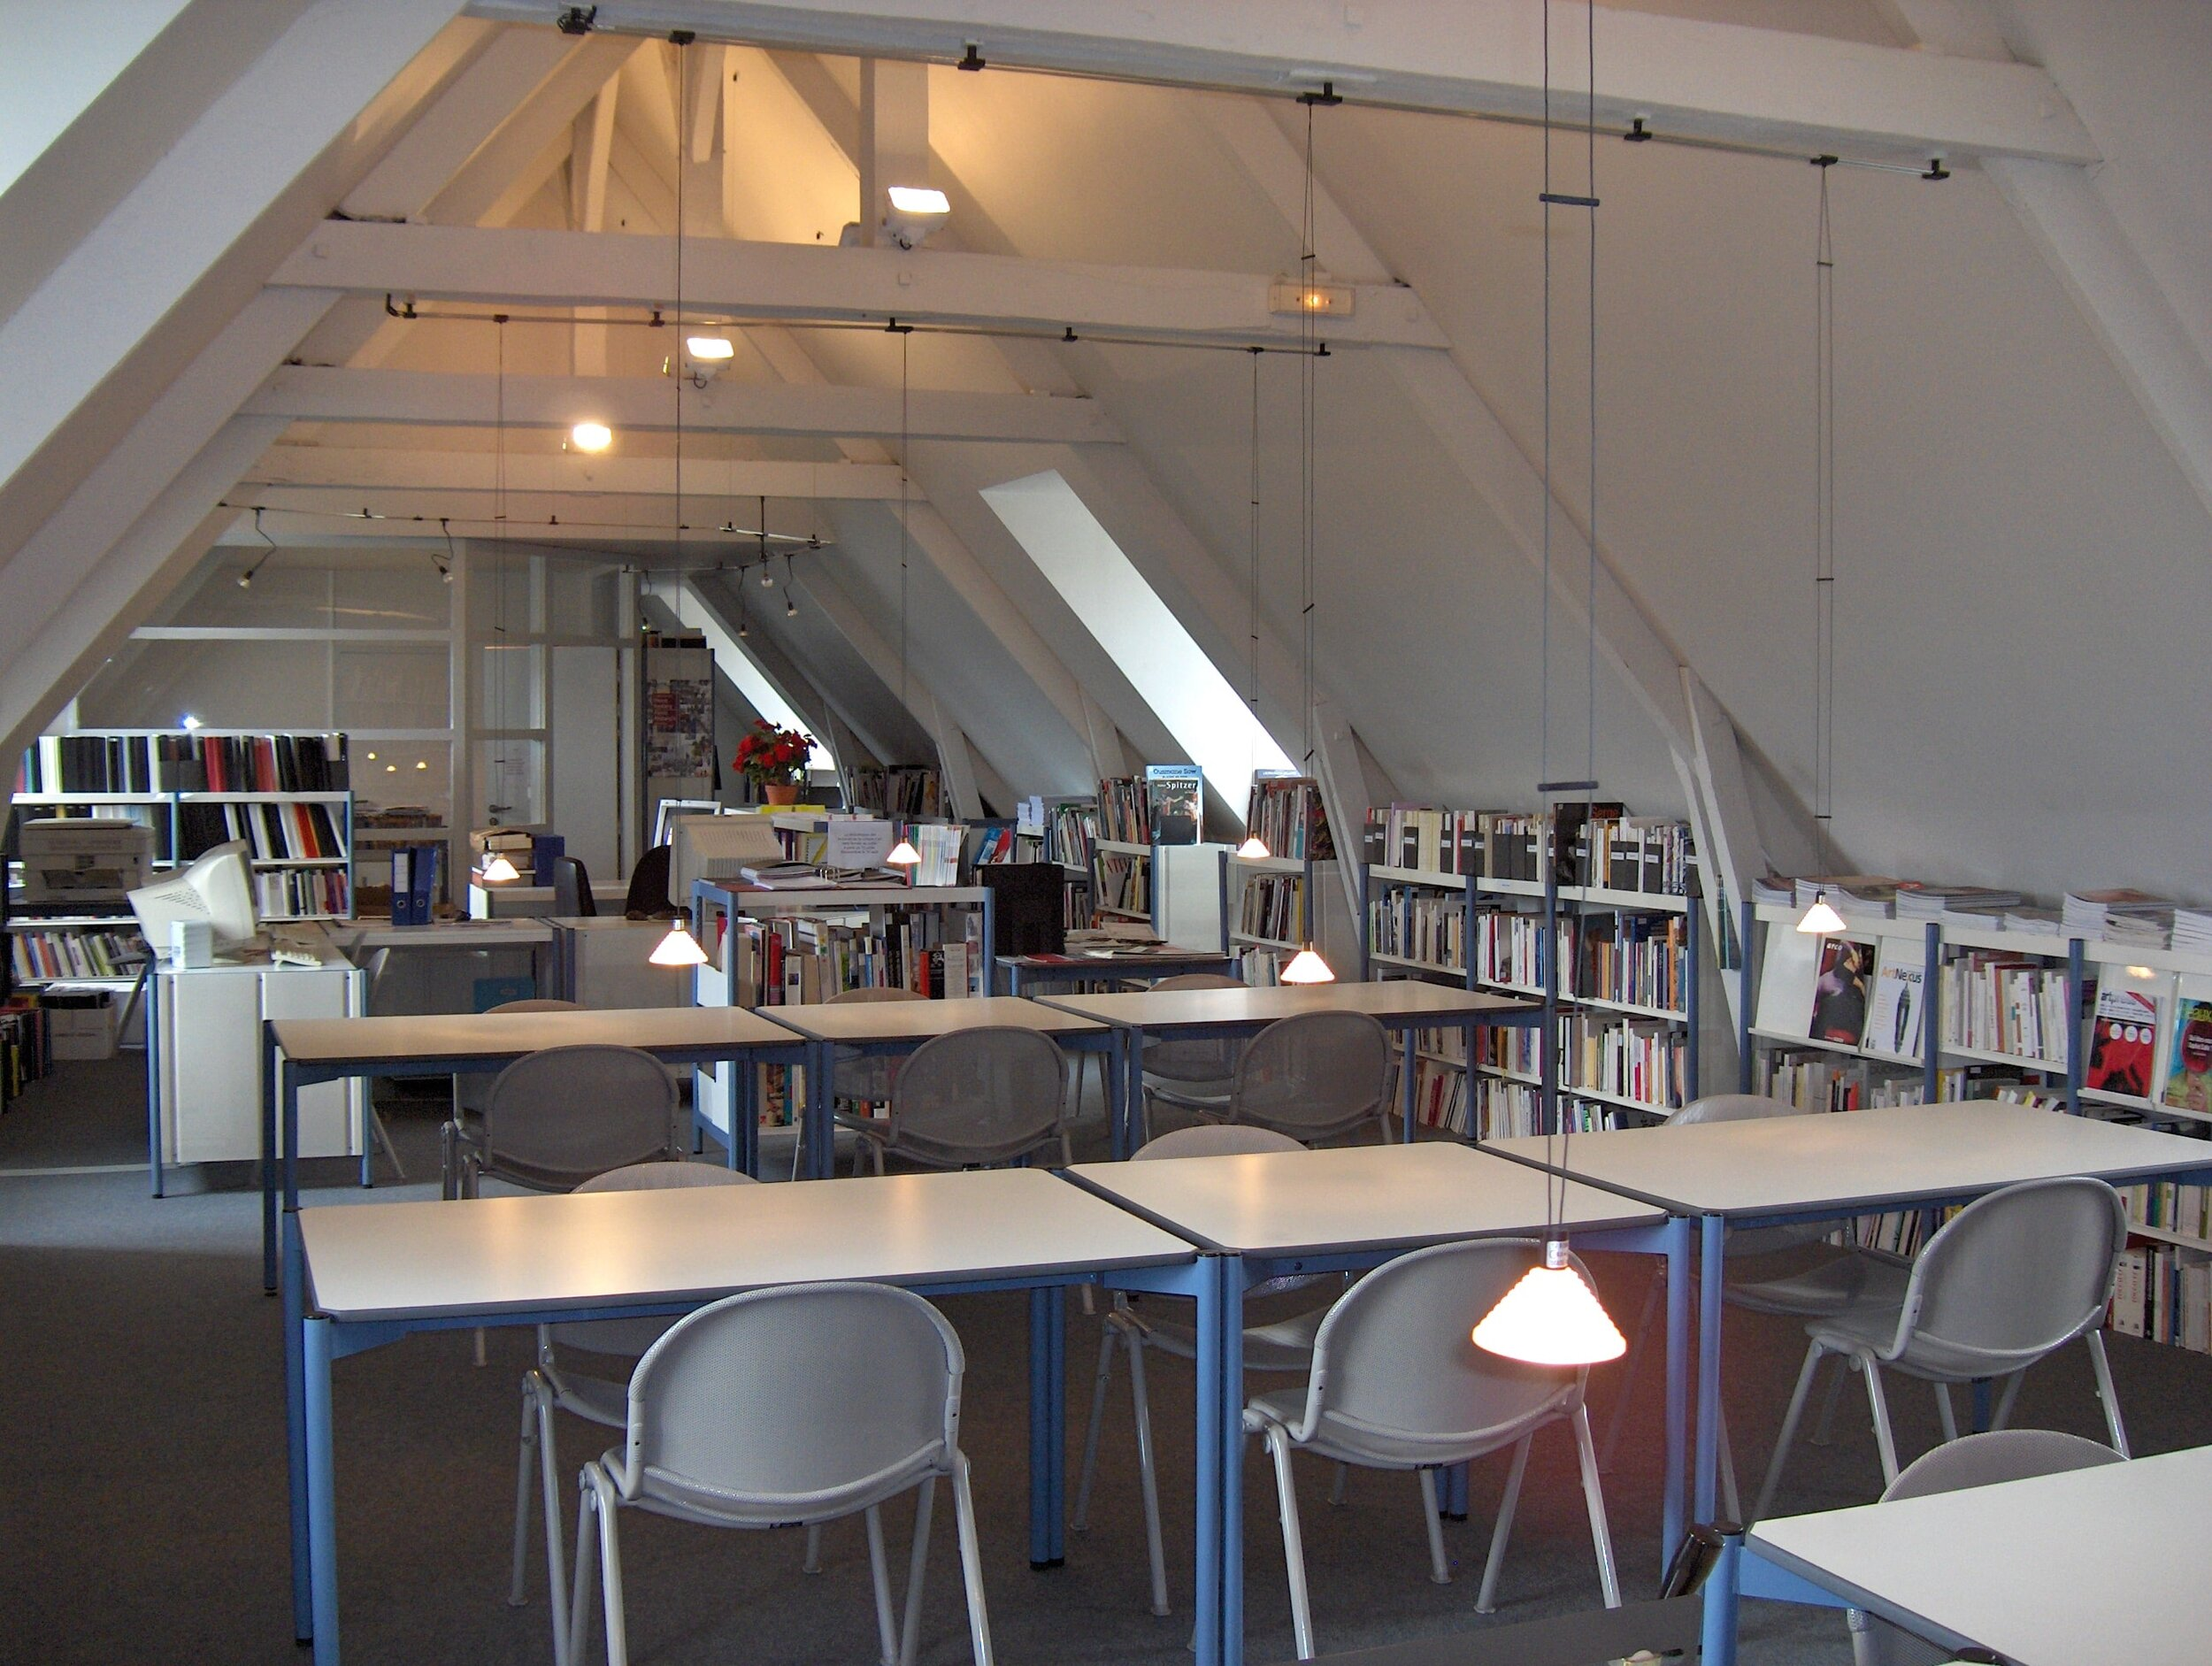 Salle de consultation des Archives de la critique d'art à Châteaugiron, 1992, archives internes ACA, collection INHA – Archives de la critique d'art. D.R.